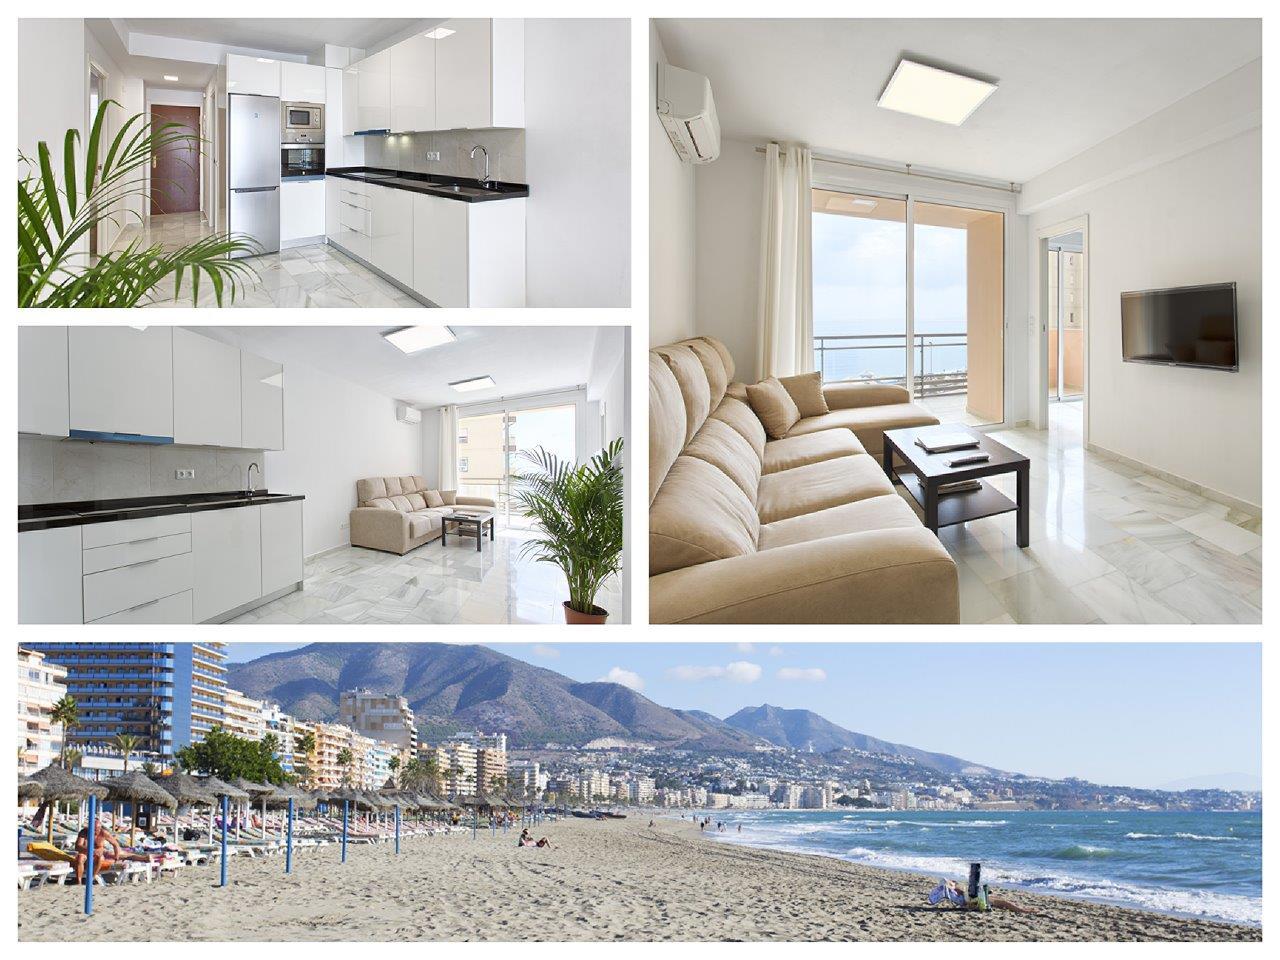 Strand appartement in Fuengirola te koop